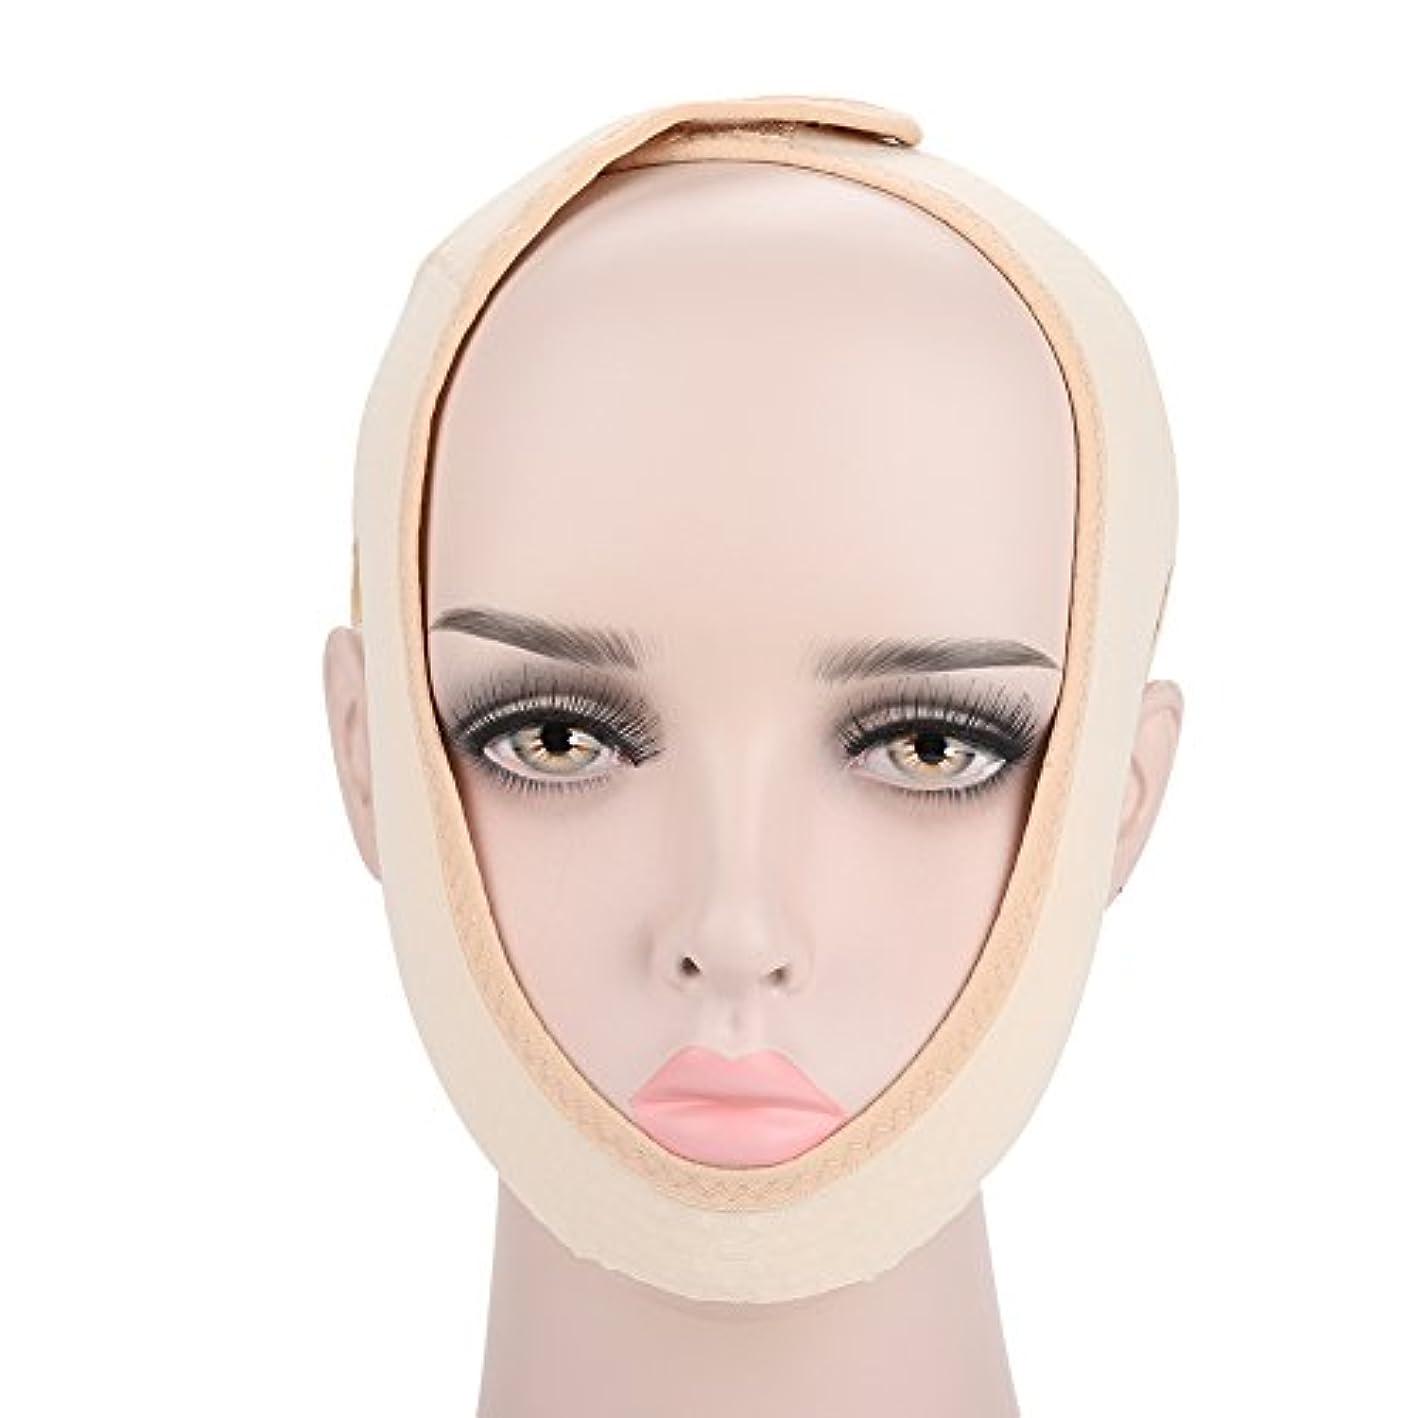 注文第二オーケストラ顔の輪郭を改善するための顔の痩身マスク、通気性と伸縮性、二重あごを和らげ、顔の手術とリハビリ